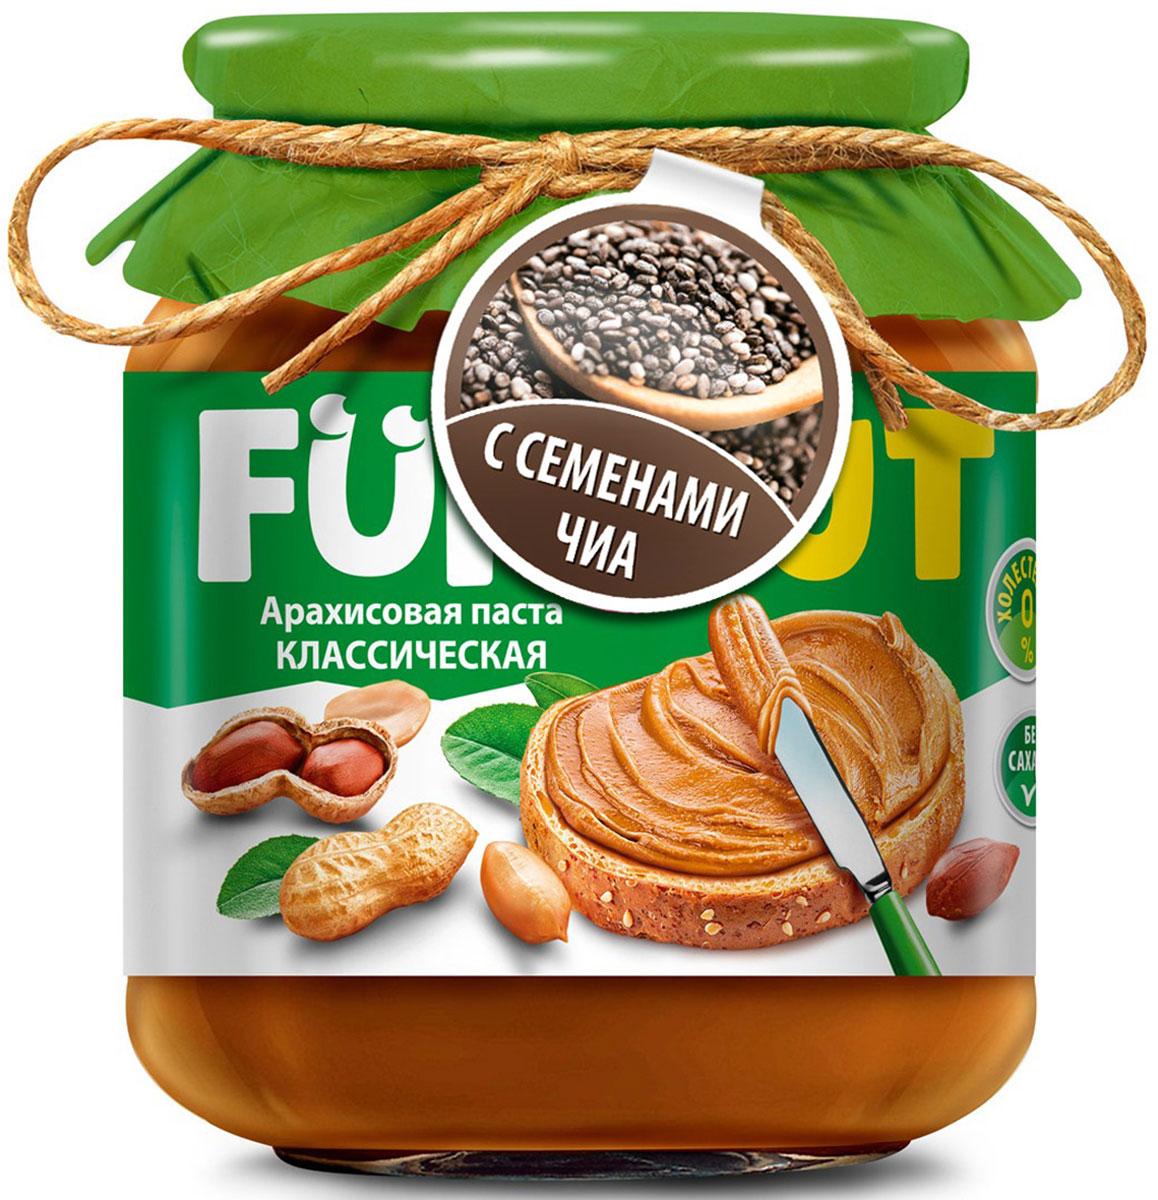 Funnat Арахисовая паста классическая с добавлением чиа, 340 г4640000272265Арахисовая паста Funnat давно и широко распространена в США и вВеликобритании. Эта ореховая паста приготовлена из поджаренного арахиса, нежной текстуры. Благодаря содержанию легкоусвояемых белков и жиров арахисовая паста может конкурировать по питательности с продуктами животного происхождения. Она сытная и полезная, и в то же время препятствует перееданию.